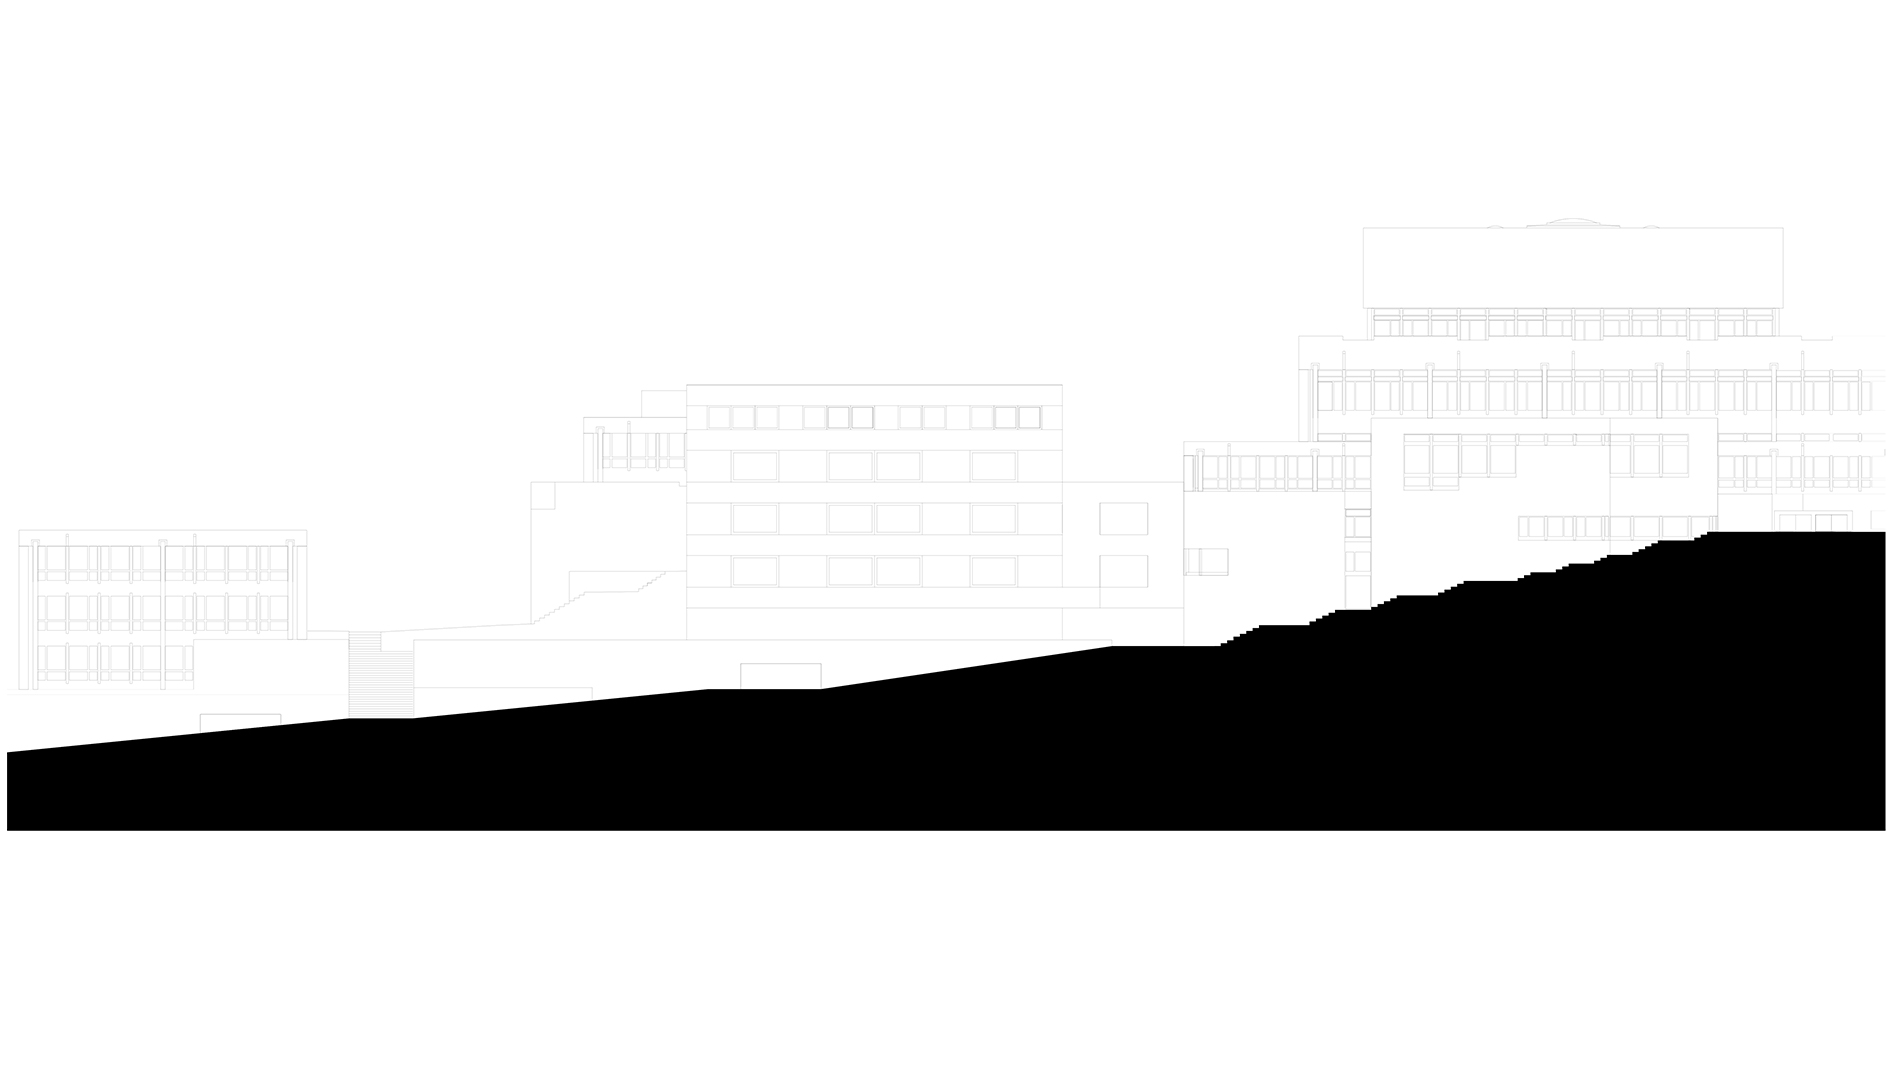 Erweiterung Universität, St. Gallen | Sauerzapfe Architekten